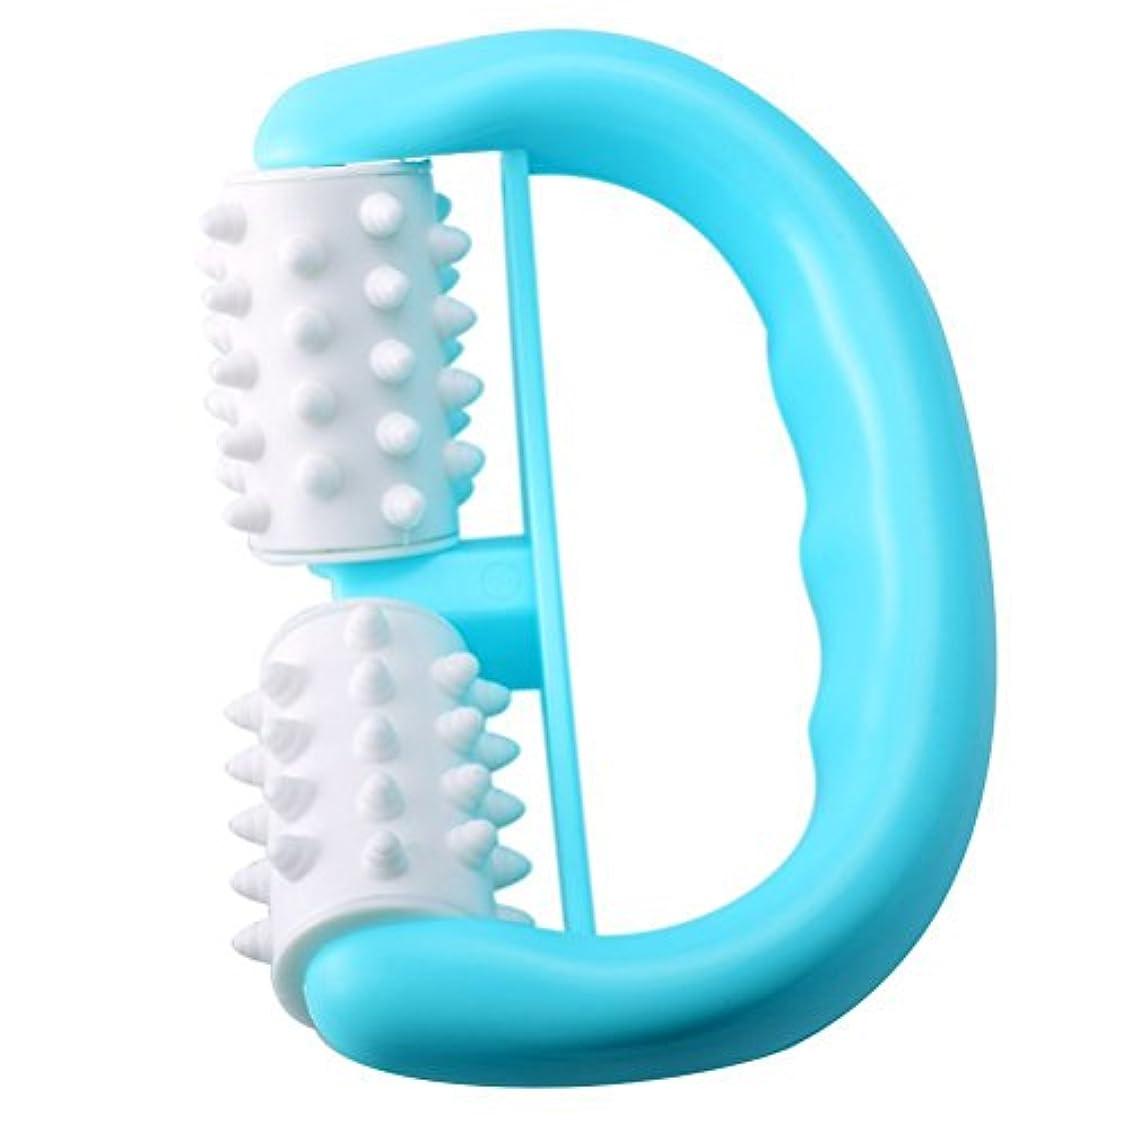 狂信者ながら味付けROSENICE セルライトマッサージャー深部組織筋筋肉解放ツールボディセラピーマッサージファットブラスター(青)